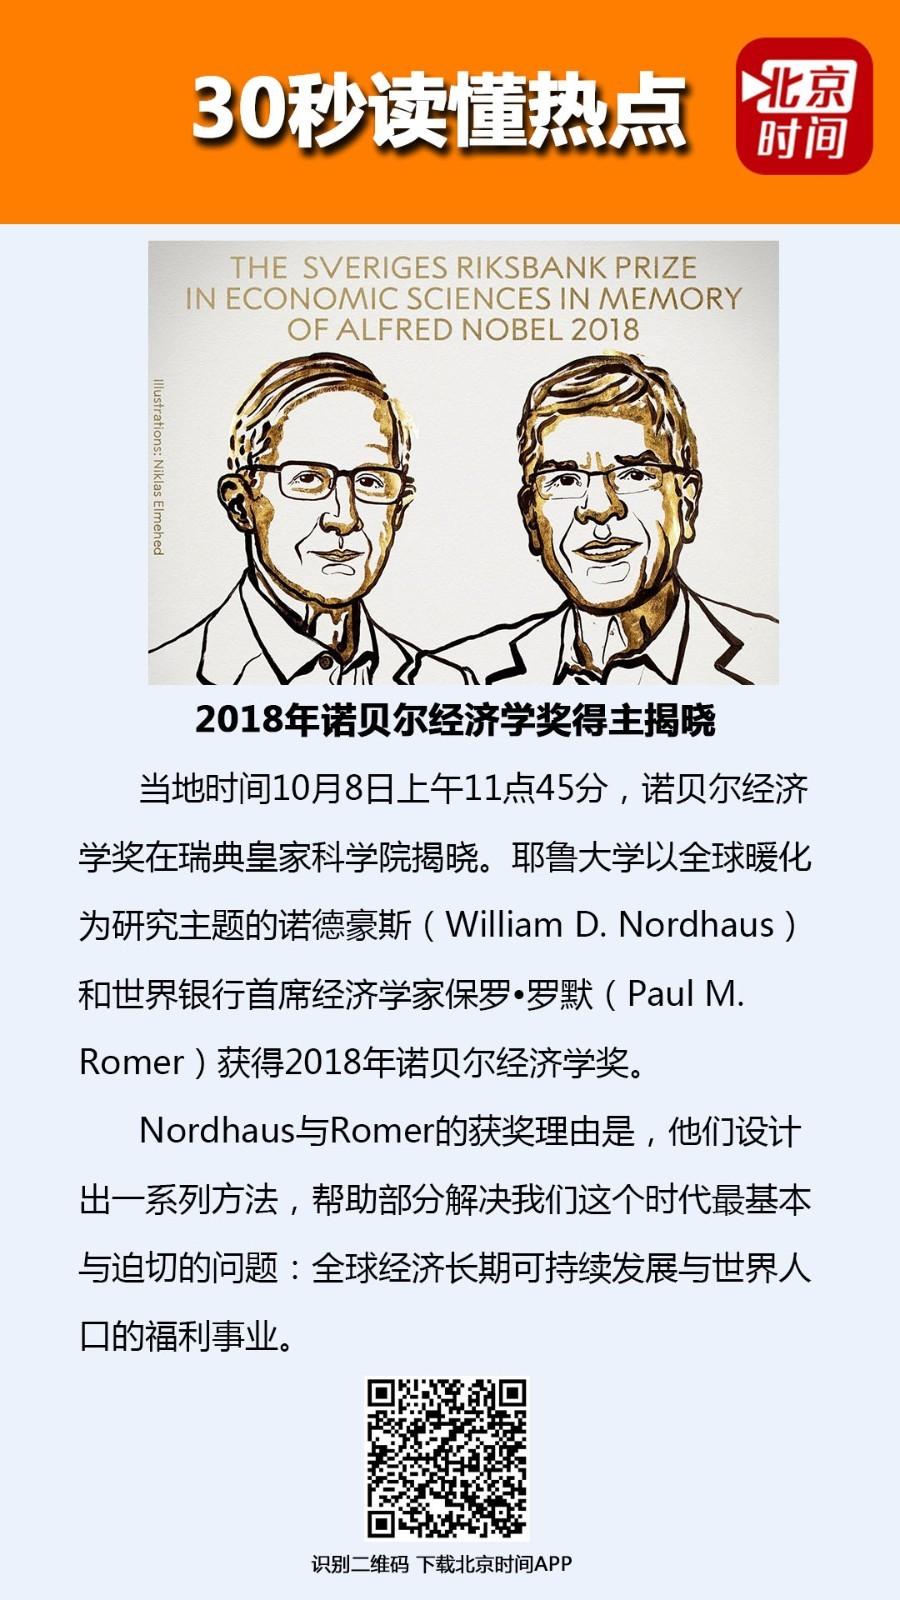 2018經濟學諾貝爾獎_2018諾貝爾經濟學獎花落技術創新和氣候變化